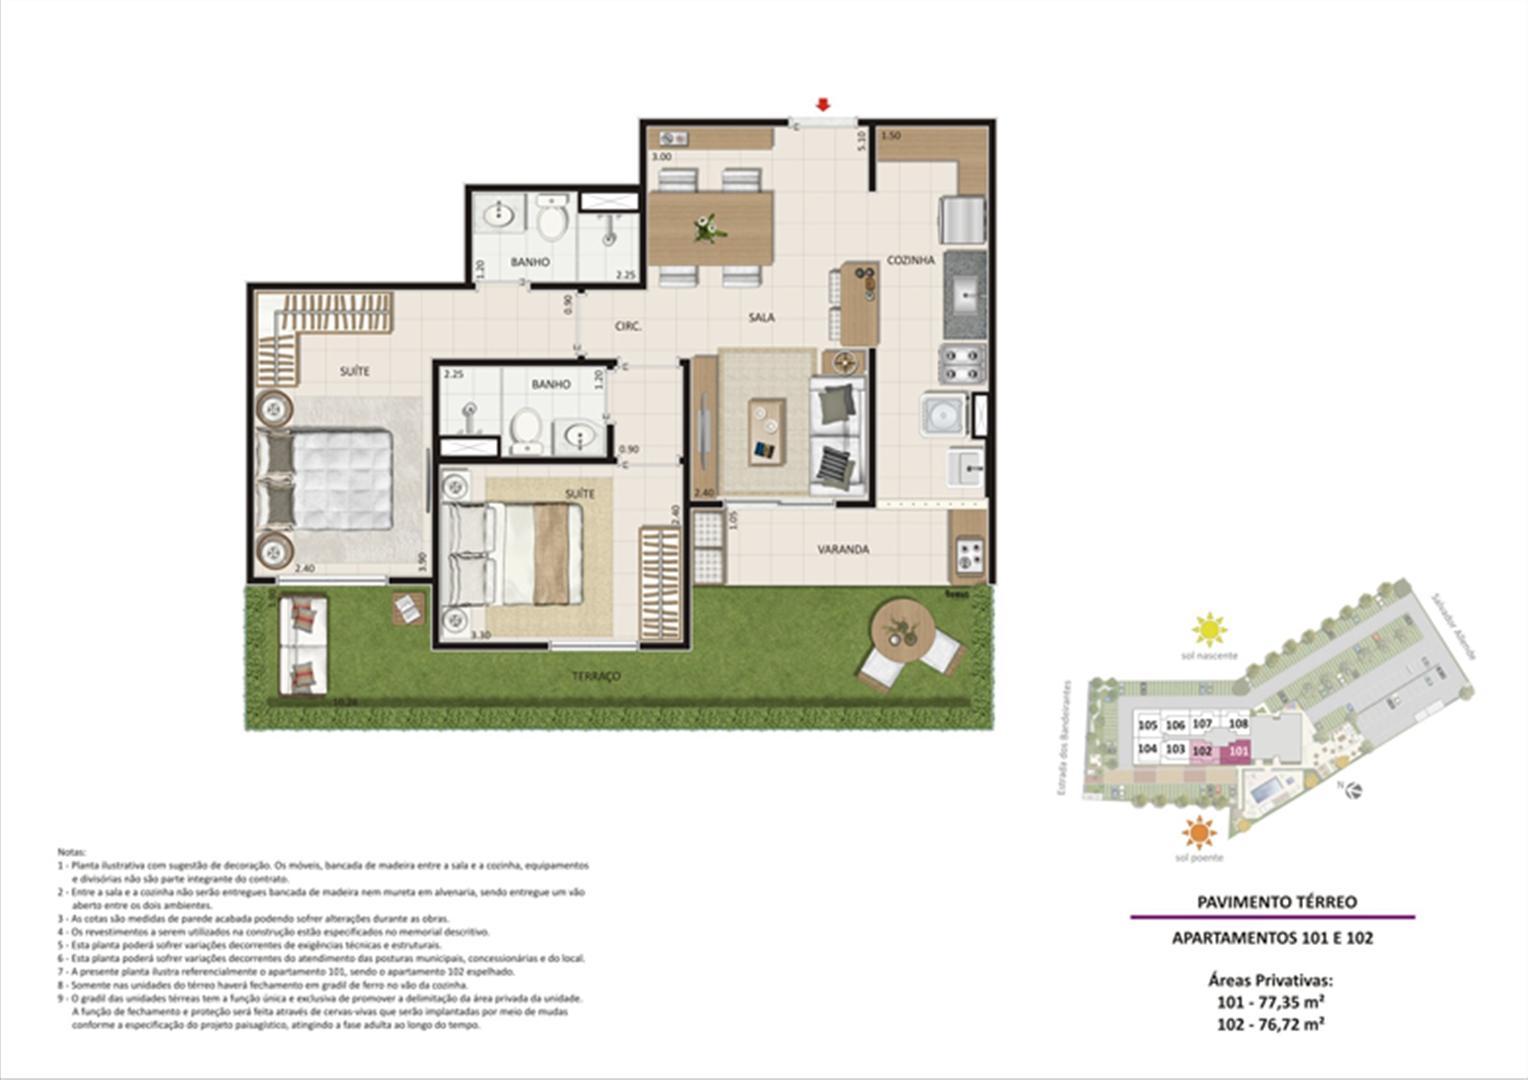 Apartamento 2 quartos tipo 01 - Terraço | Live Bandeirantes All Suites – Apartamento em  Jacarepaguá - Rio de Janeiro - Rio de Janeiro